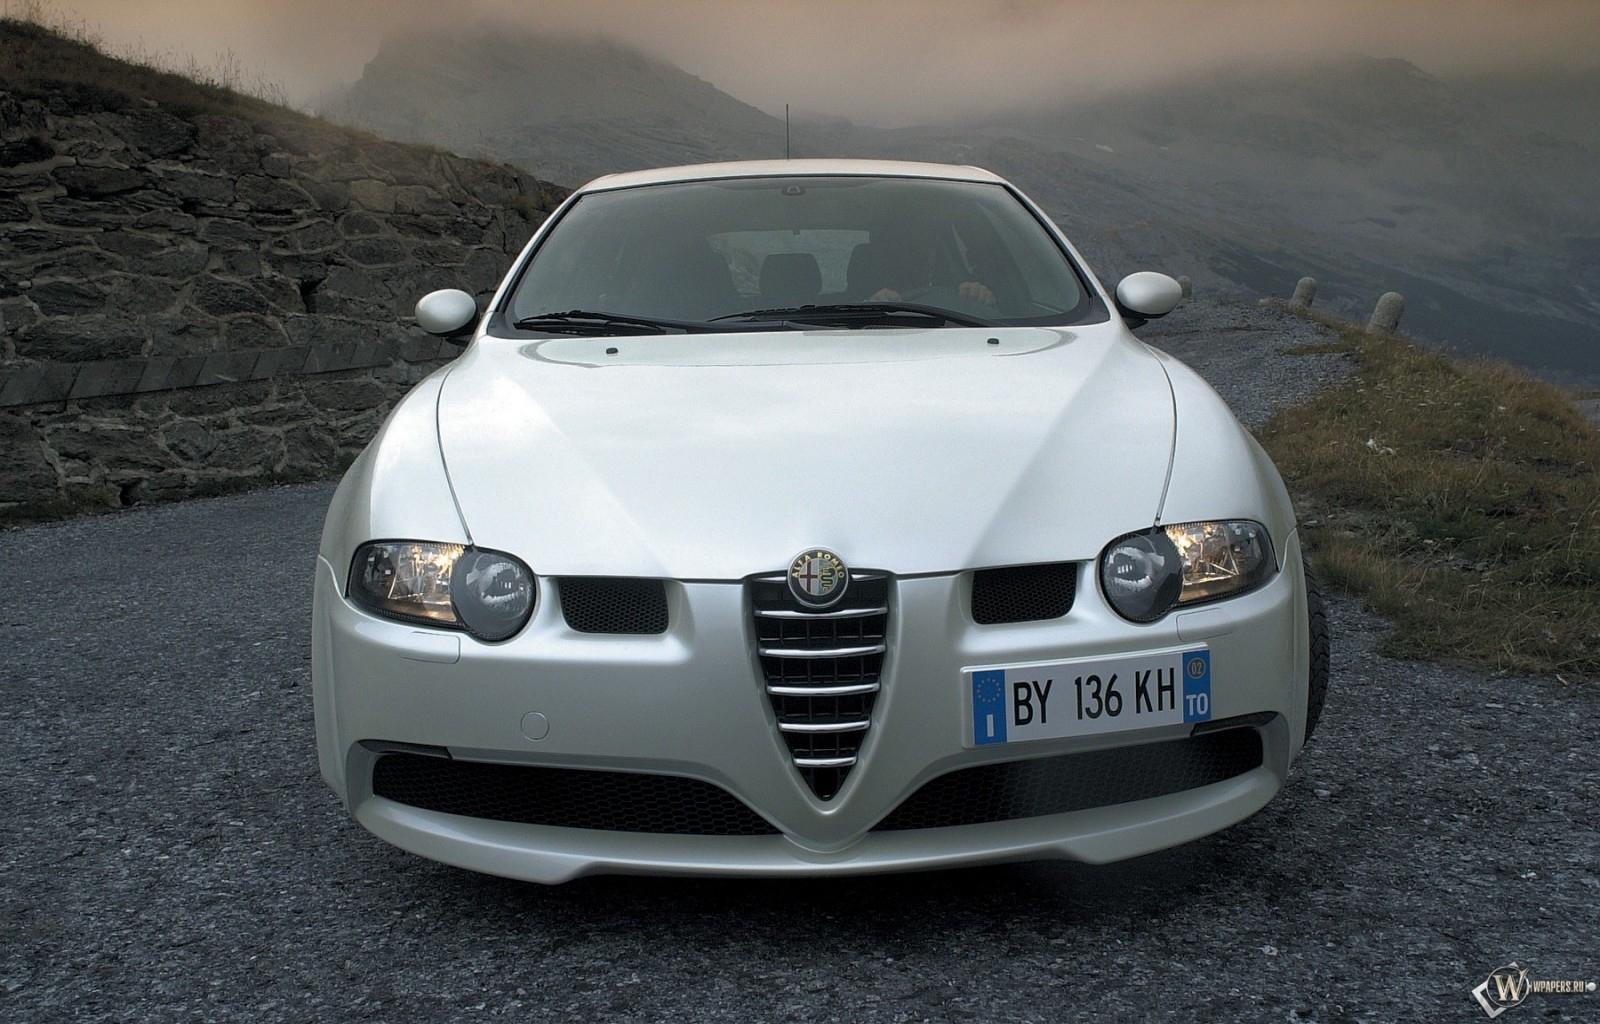 Alfa Romeo 147 GTA (2002) 1600x1024